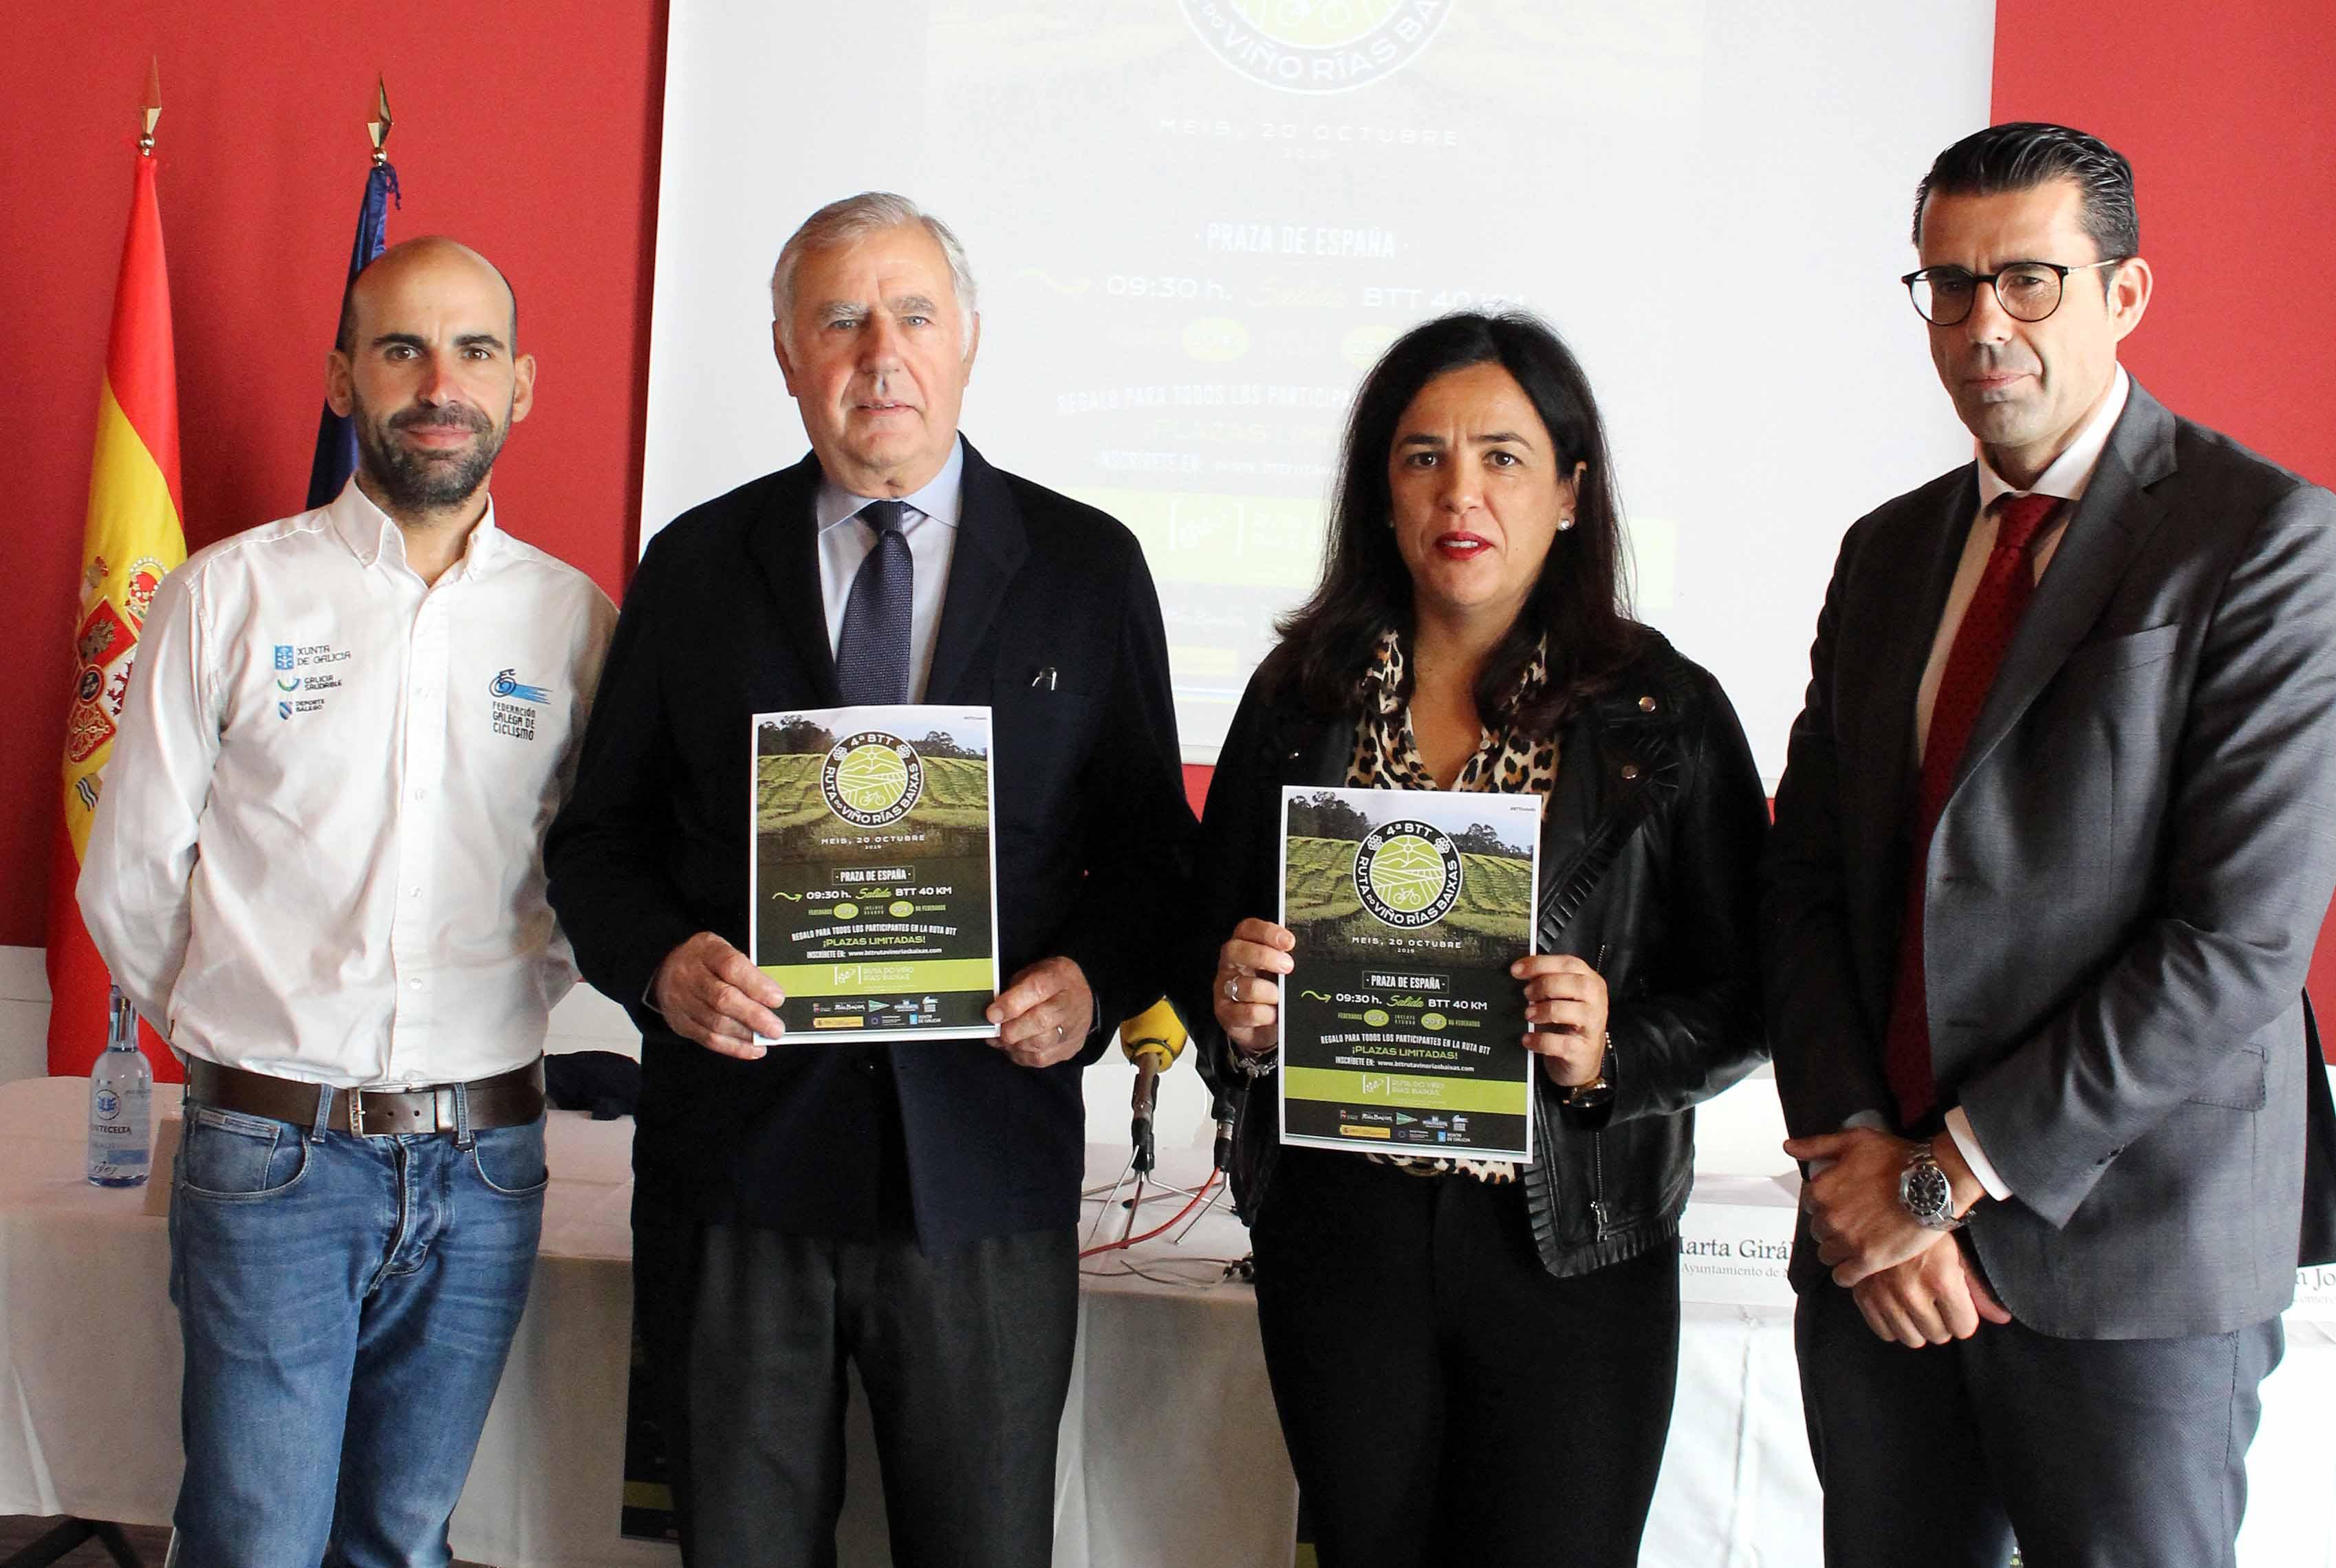 La Ruta do Viño Rías Baixas busca consolidarse en el calendario deportivo anual con la cuarta edición de su marcha BTT